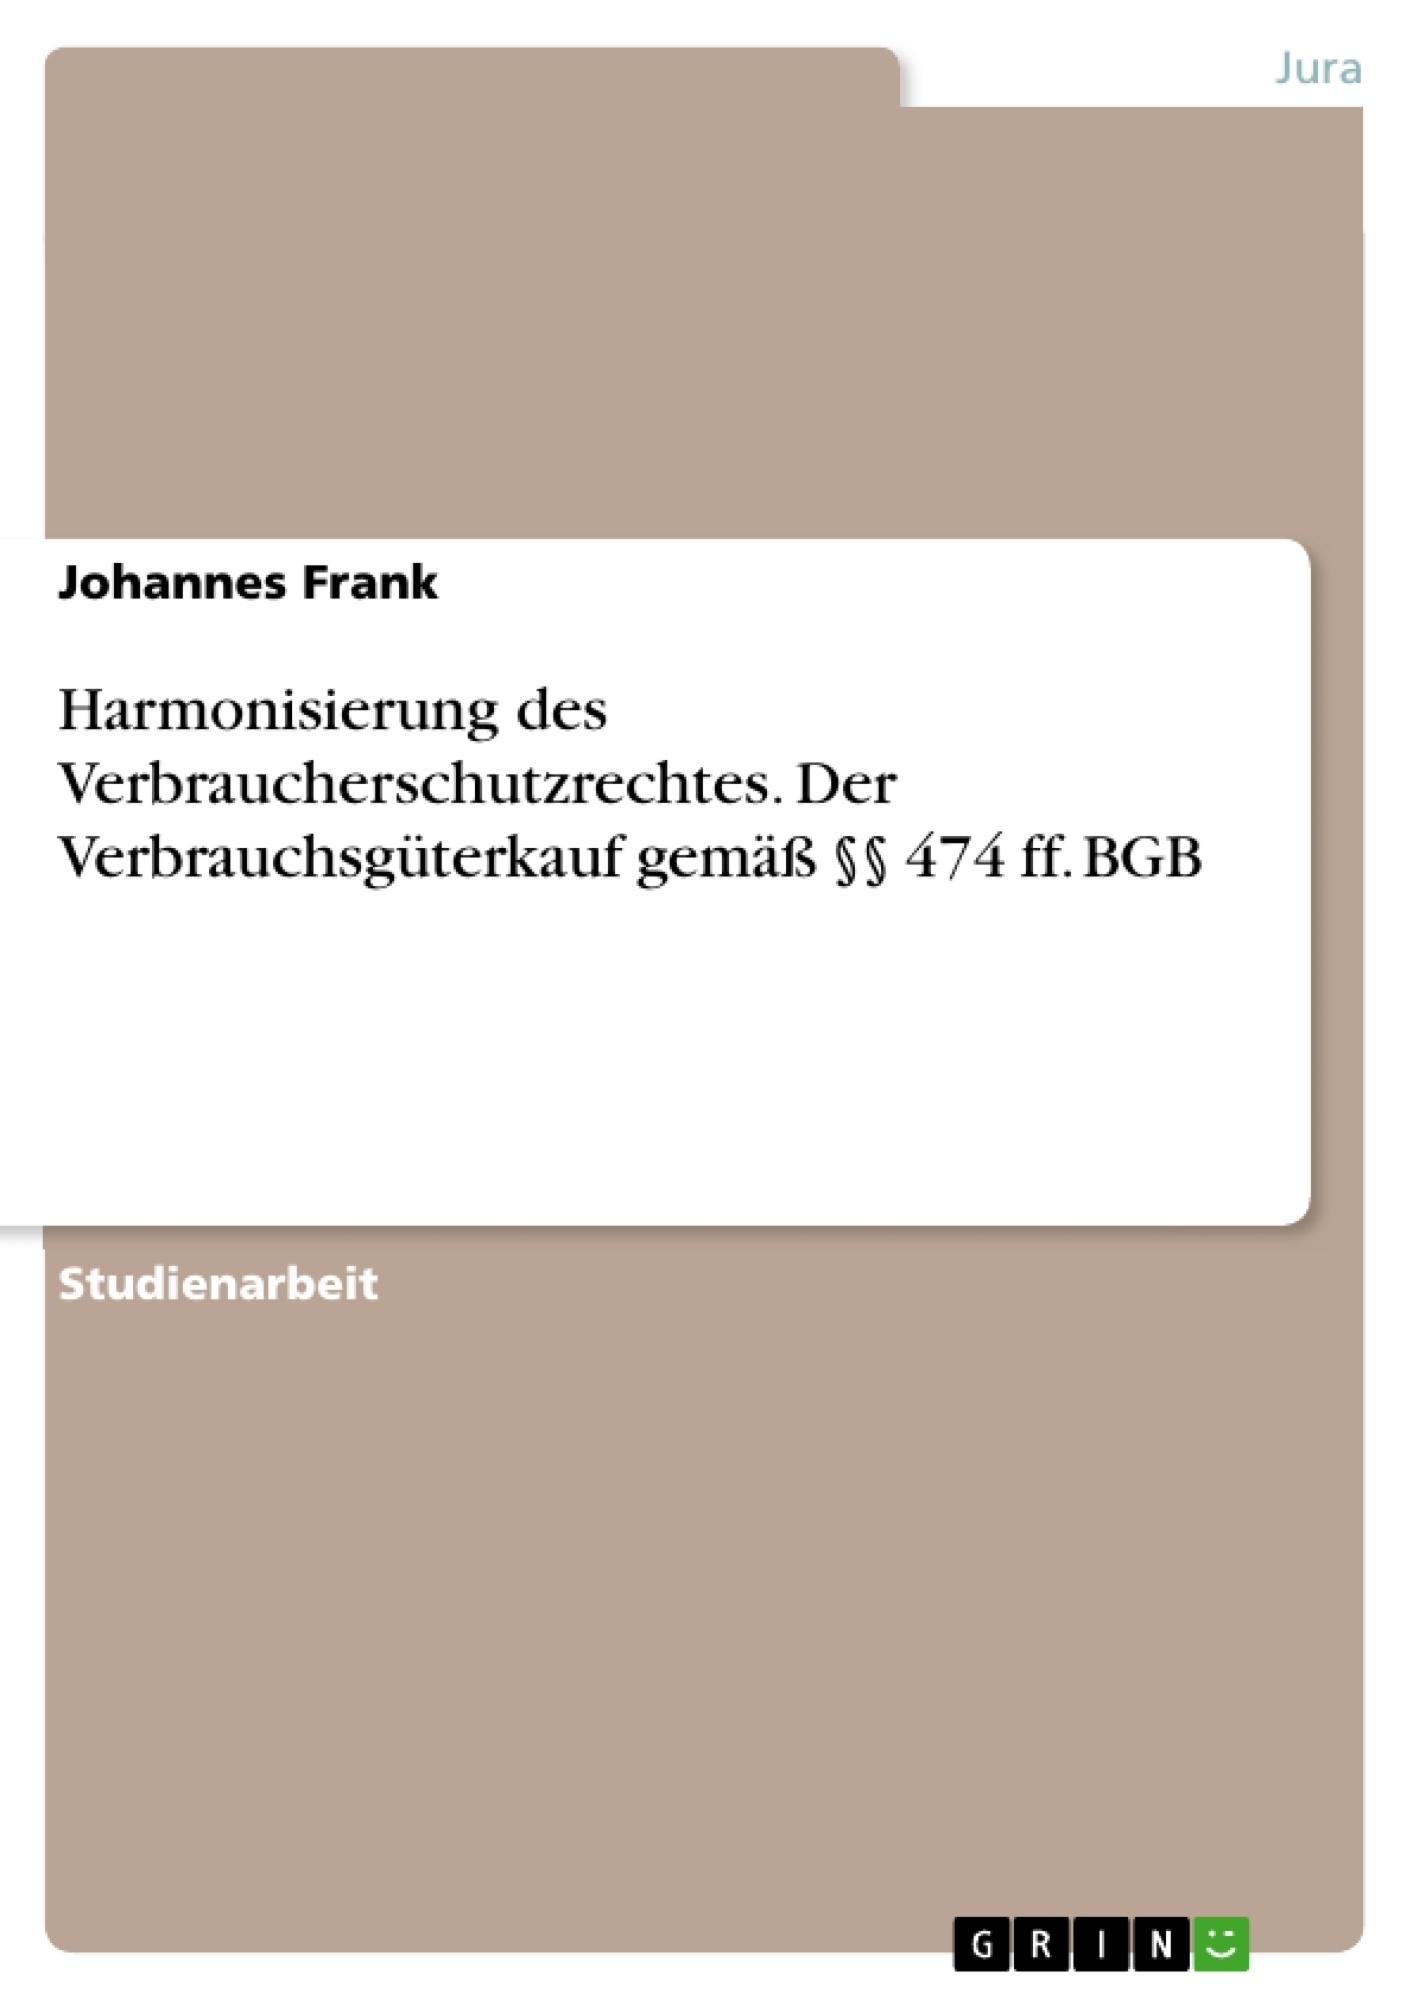 Titel: Harmonisierung des Verbraucherschutzrechtes. Der Verbrauchsgüterkauf gemäß §§ 474 ff. BGB